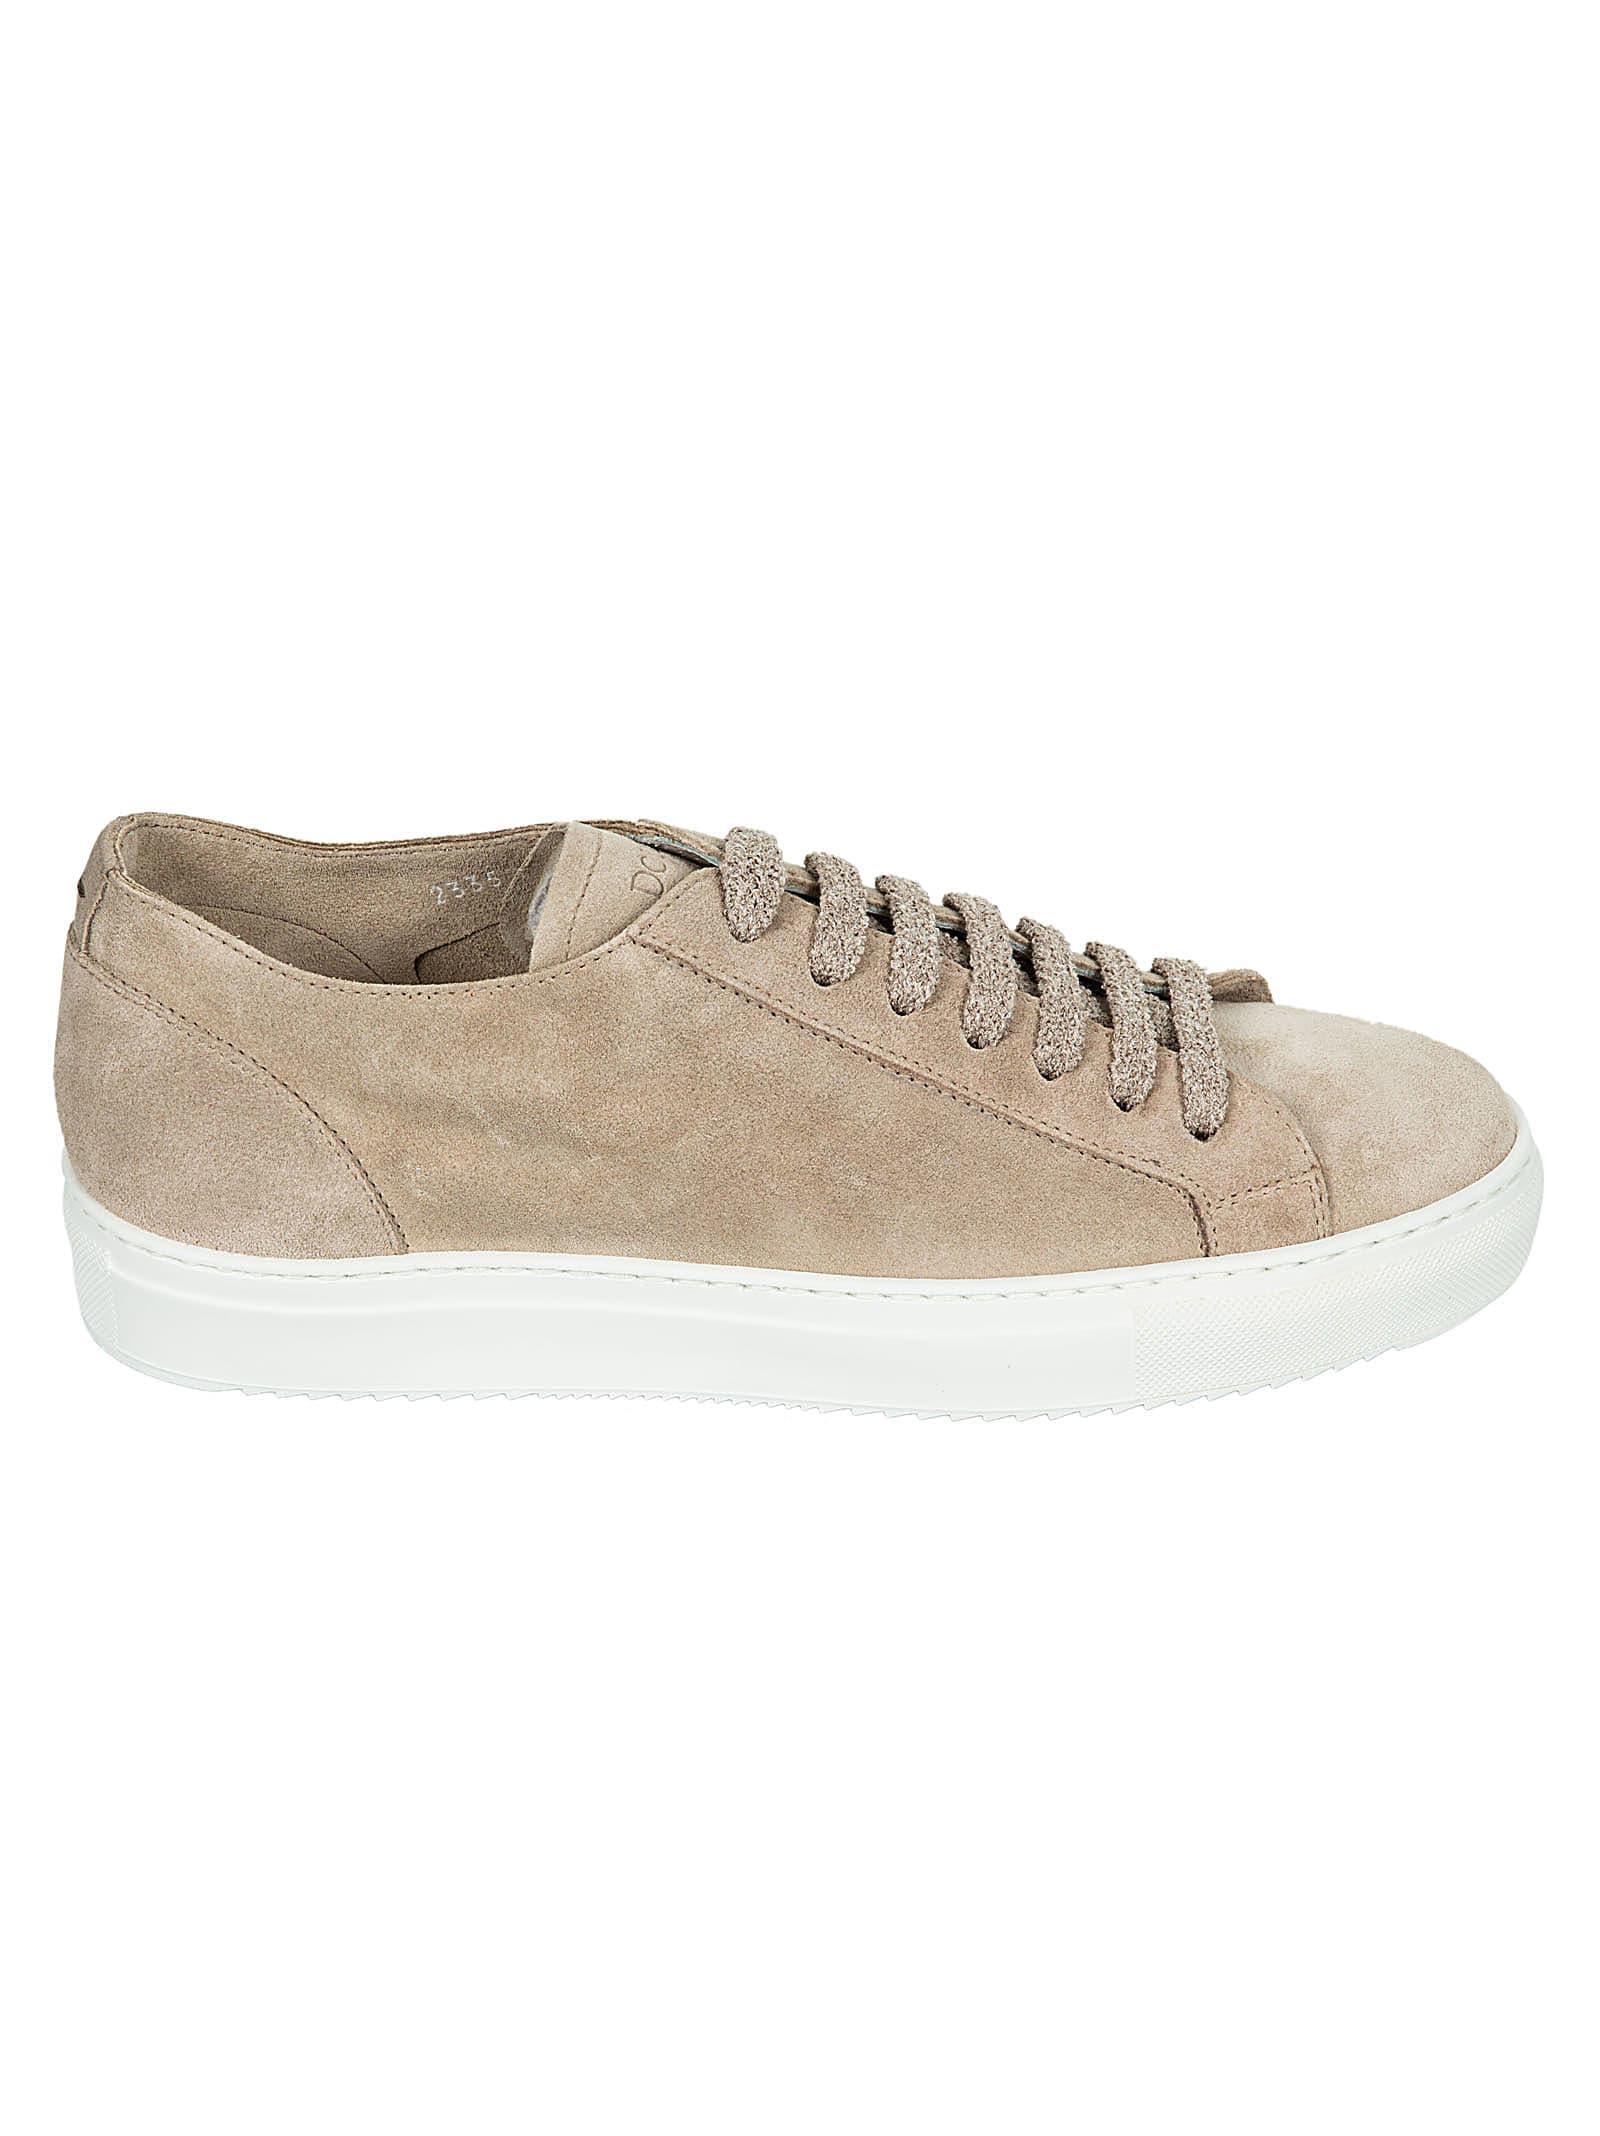 Doucals Wash Sneakers